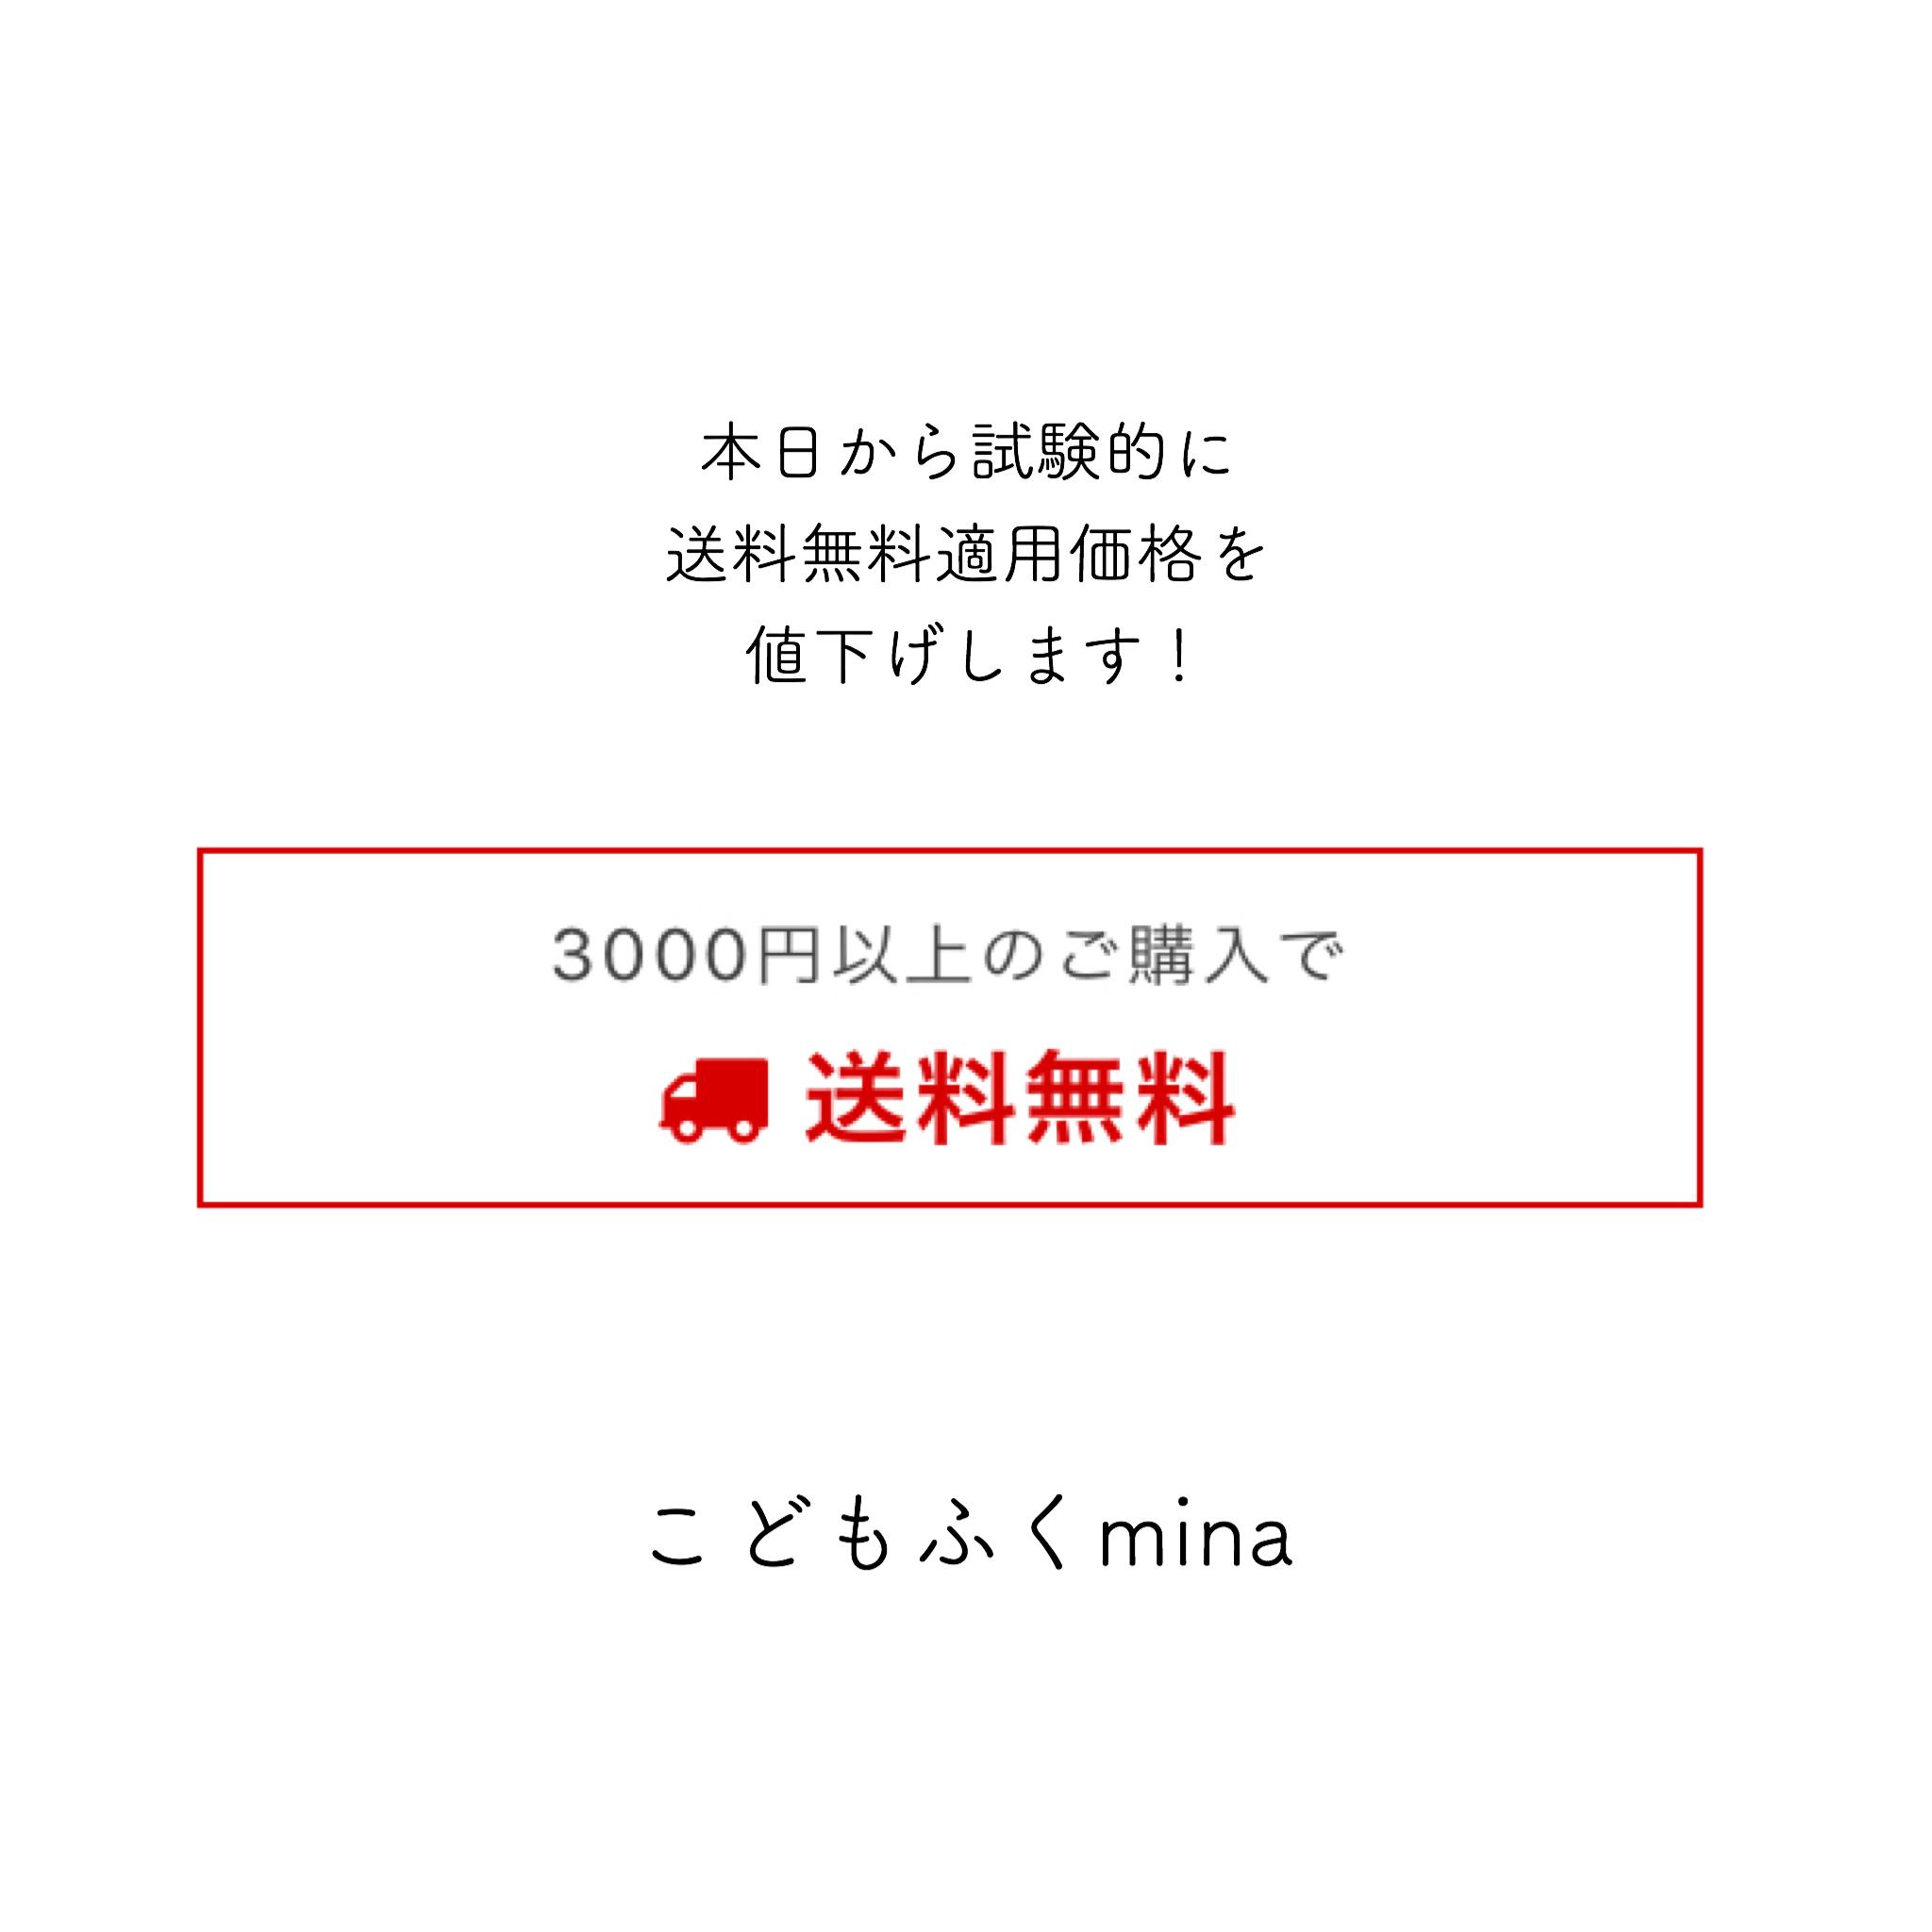 3000円以上送料無料キャンペーン